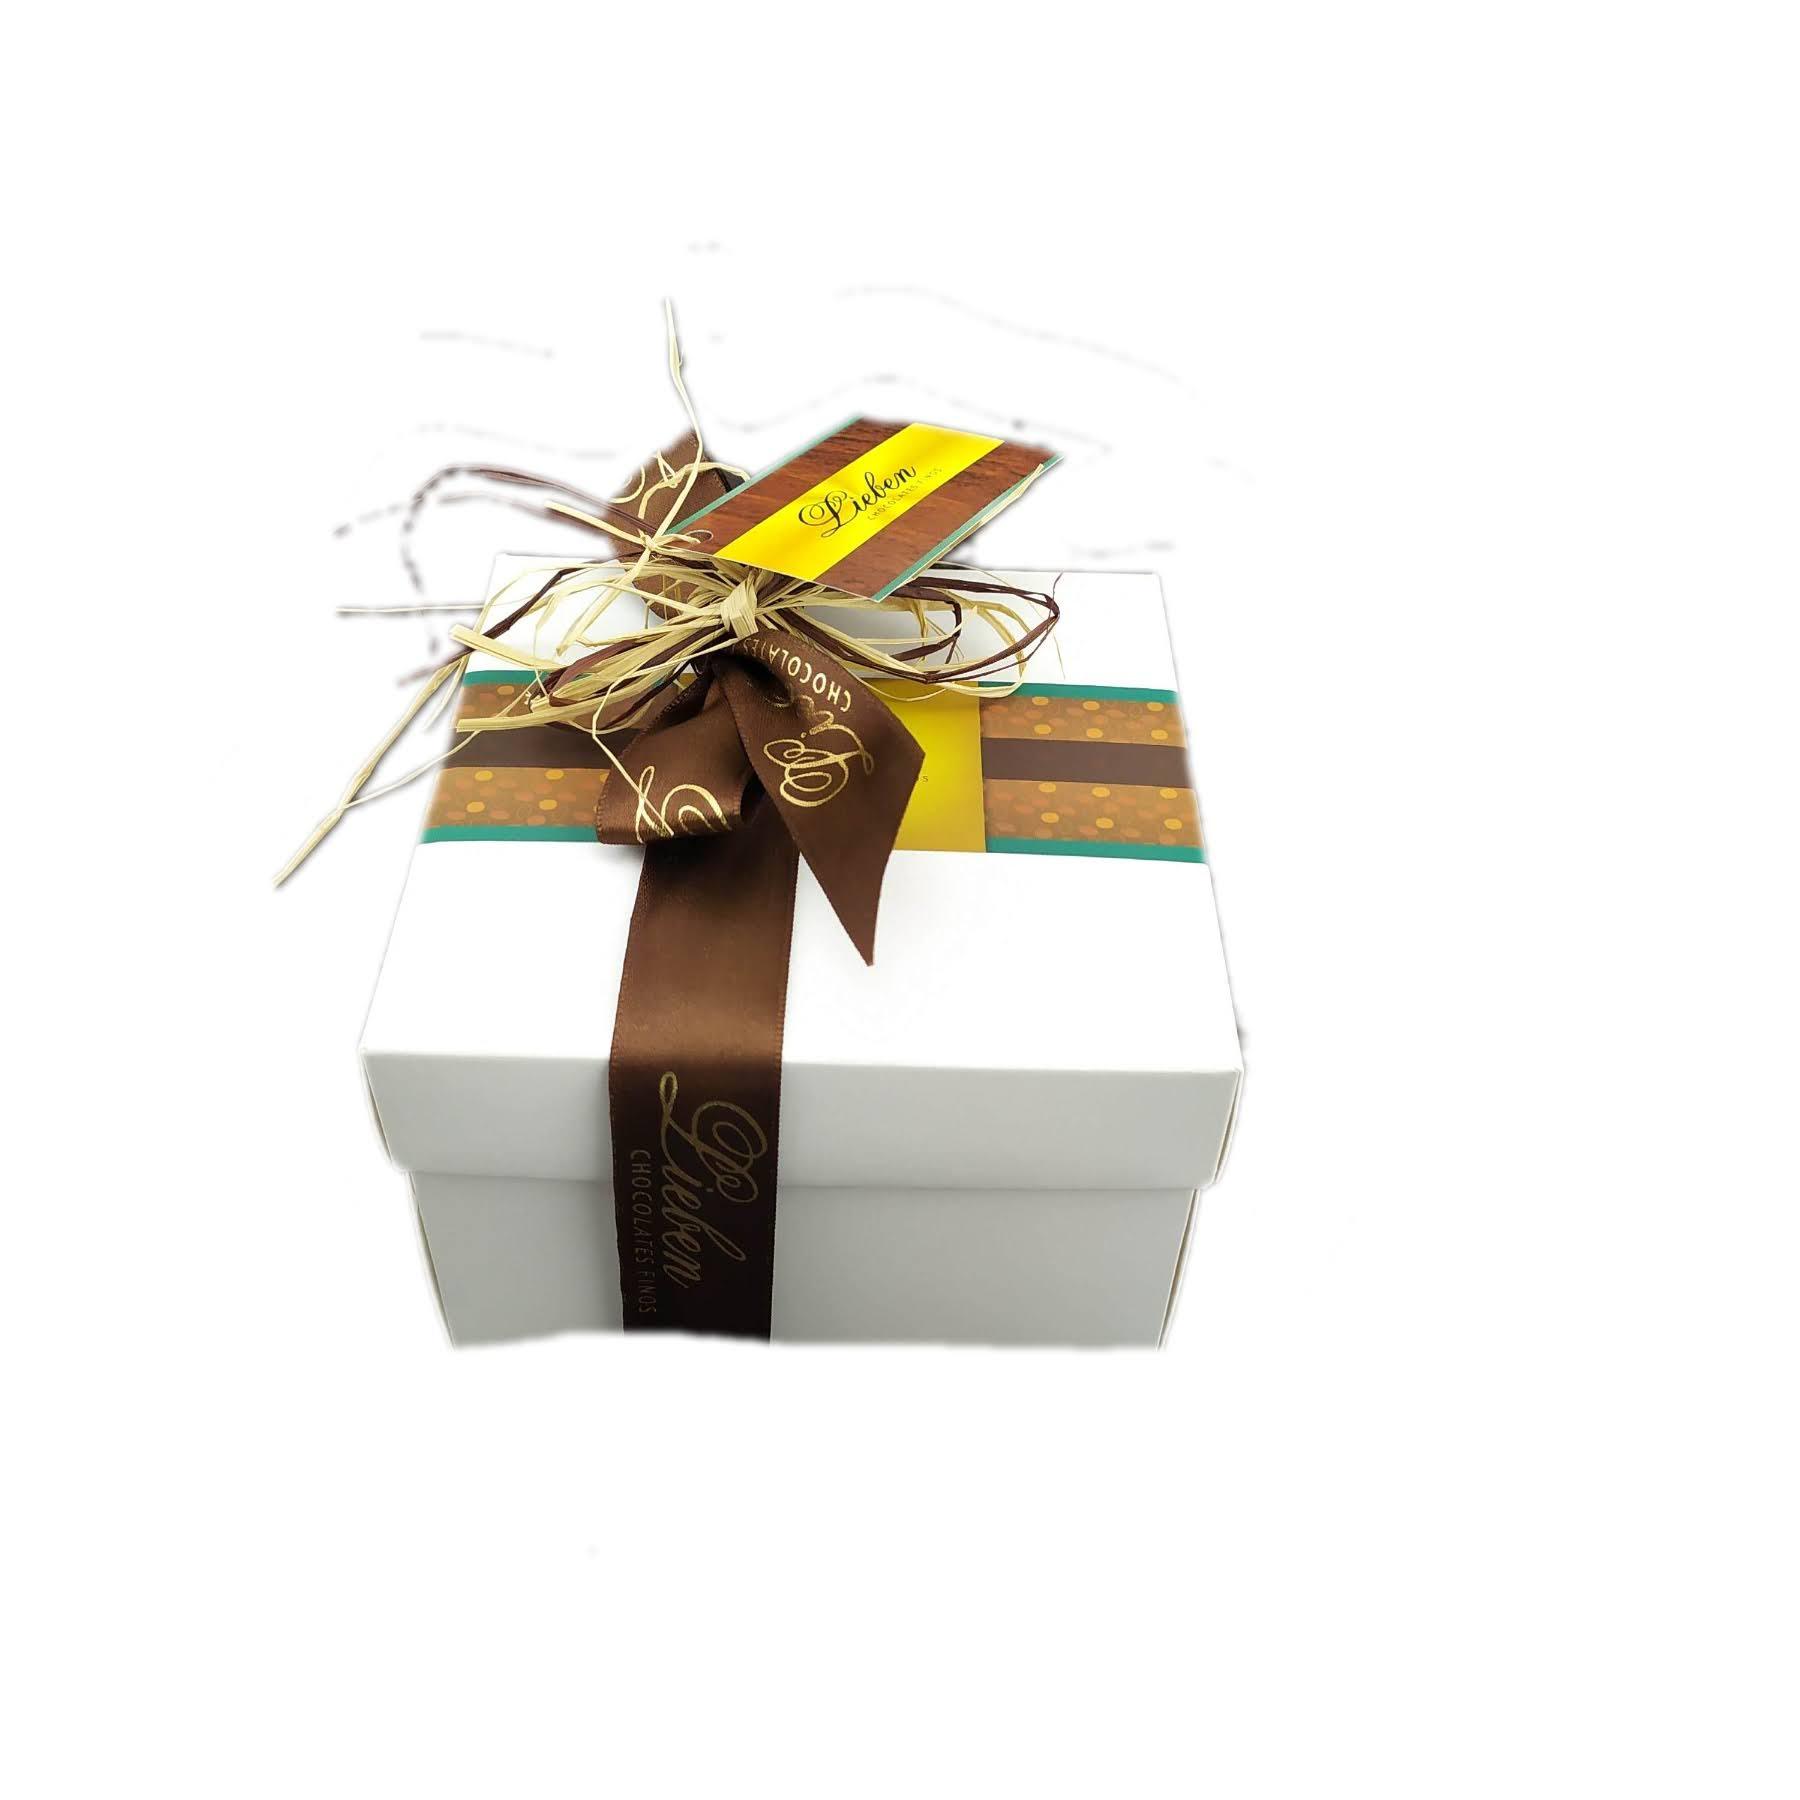 Caixa mini crespinho crocante com 475g